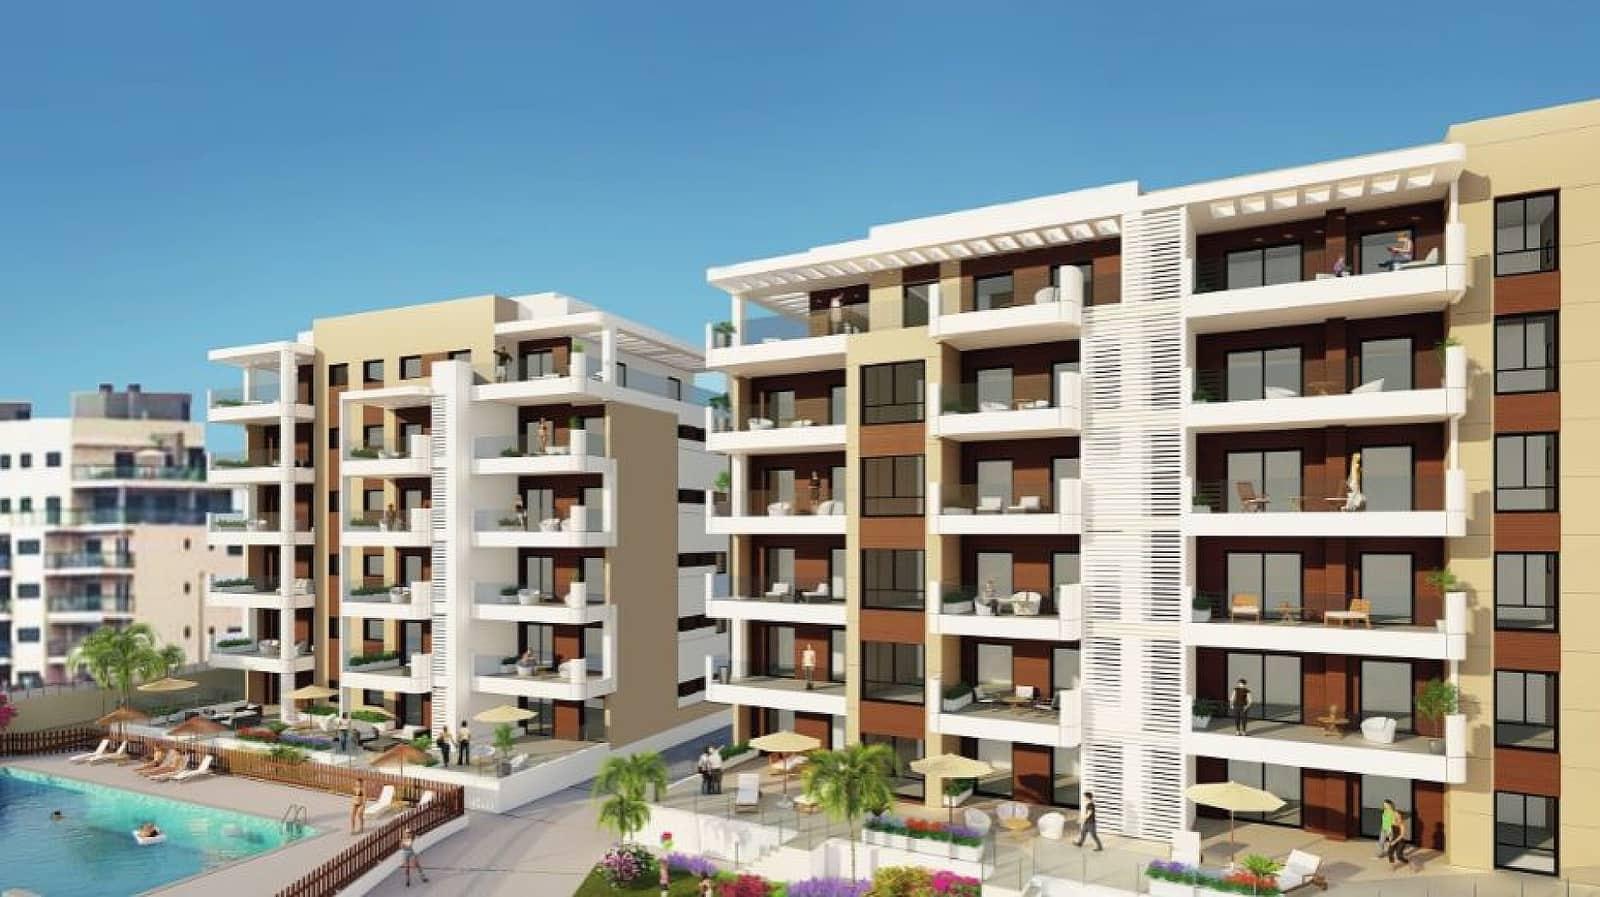 Apartamento de 3 habitaciones en Pilar de la Horadada en venta - 350.000 € (Ref: 4872851)